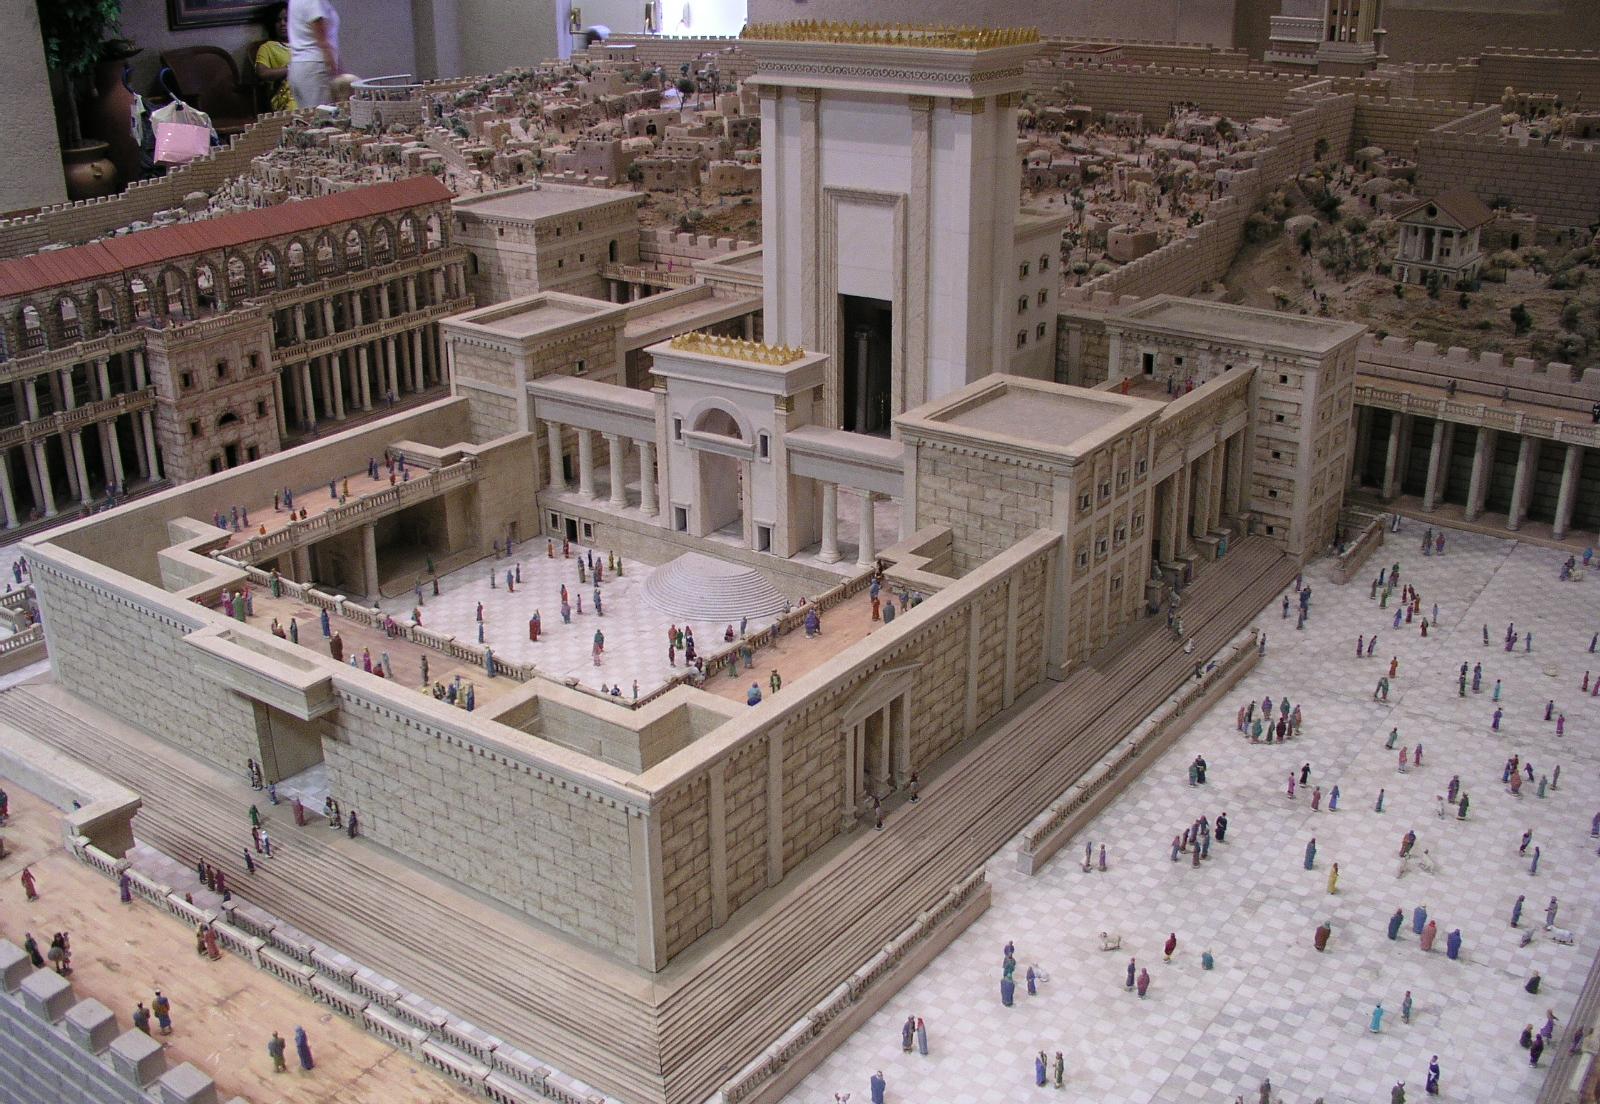 MAket dan gambaran dari Kuil nabi SUlaiman yang besar dan agung istana rahasia Crusader ordo Templar